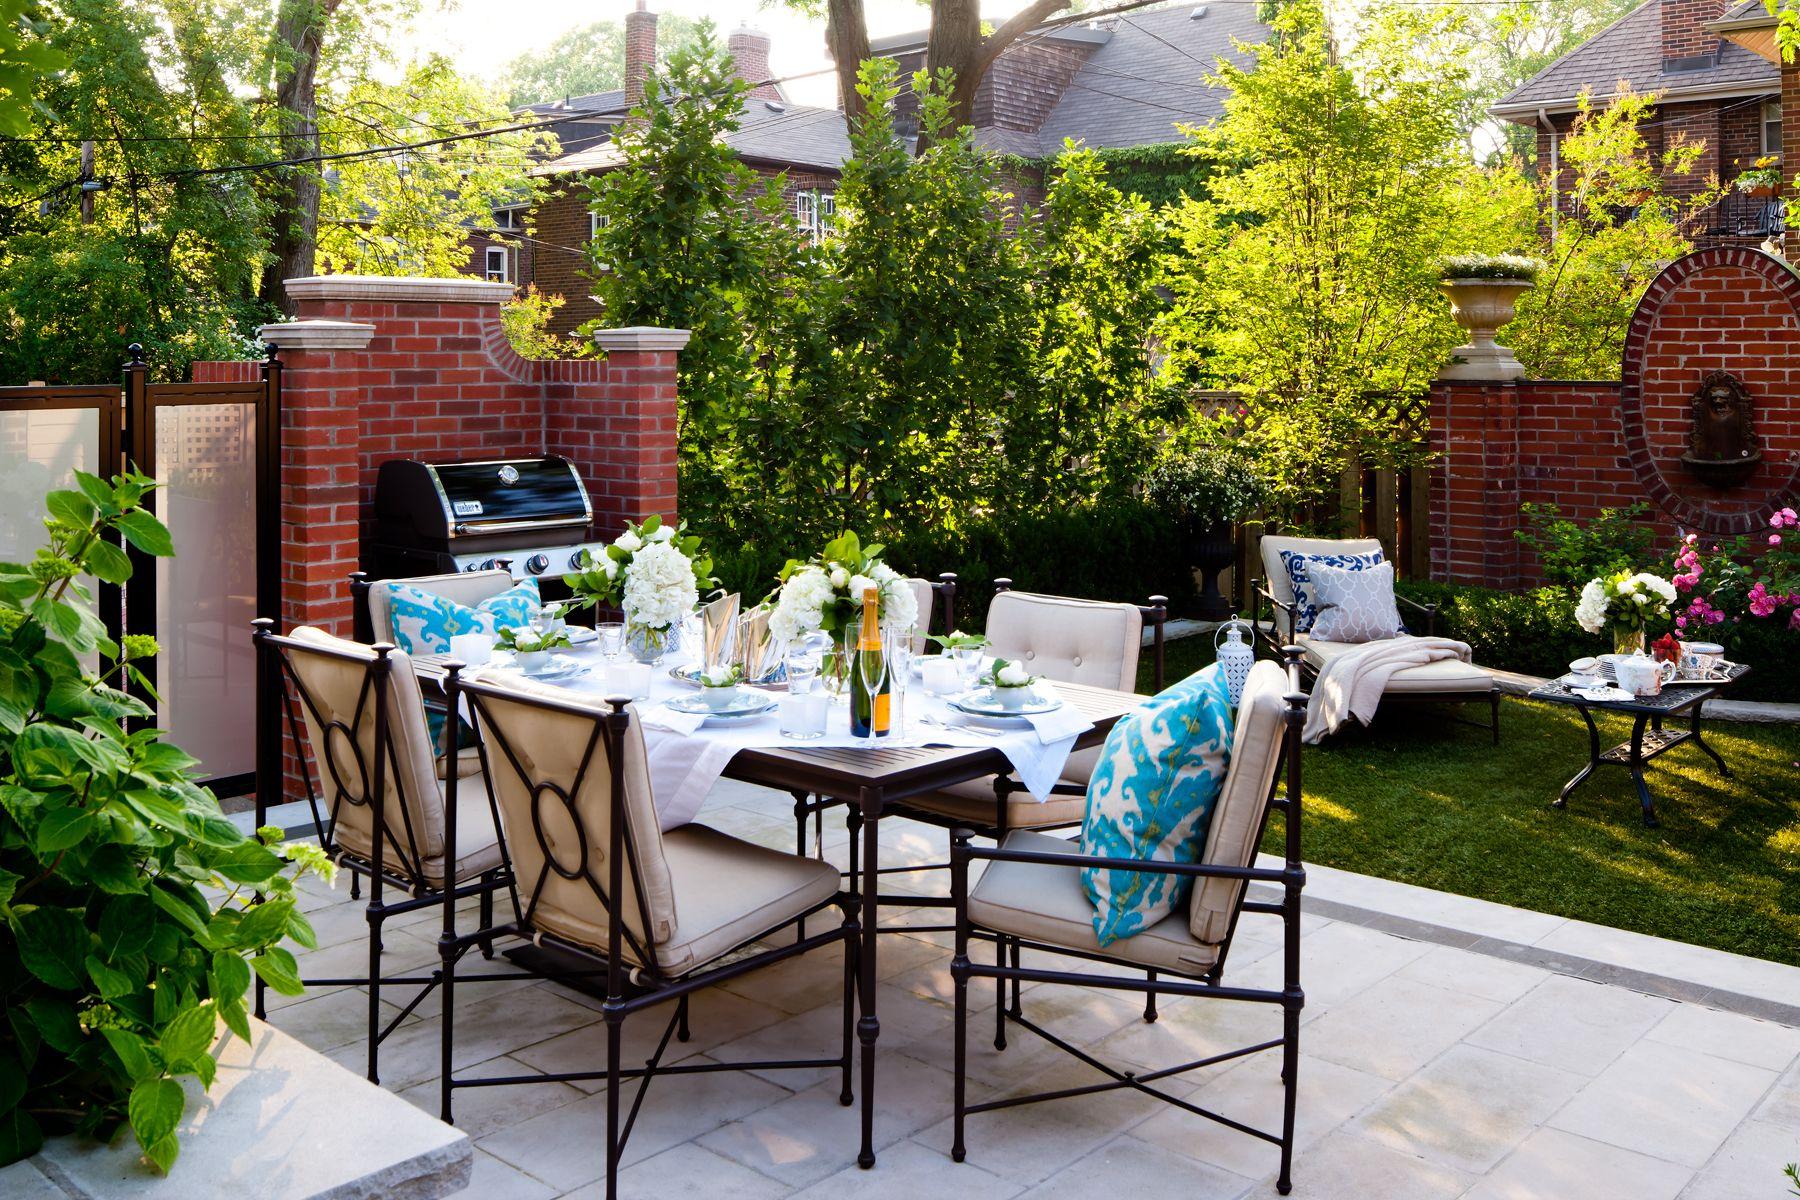 small narrow dining set patio